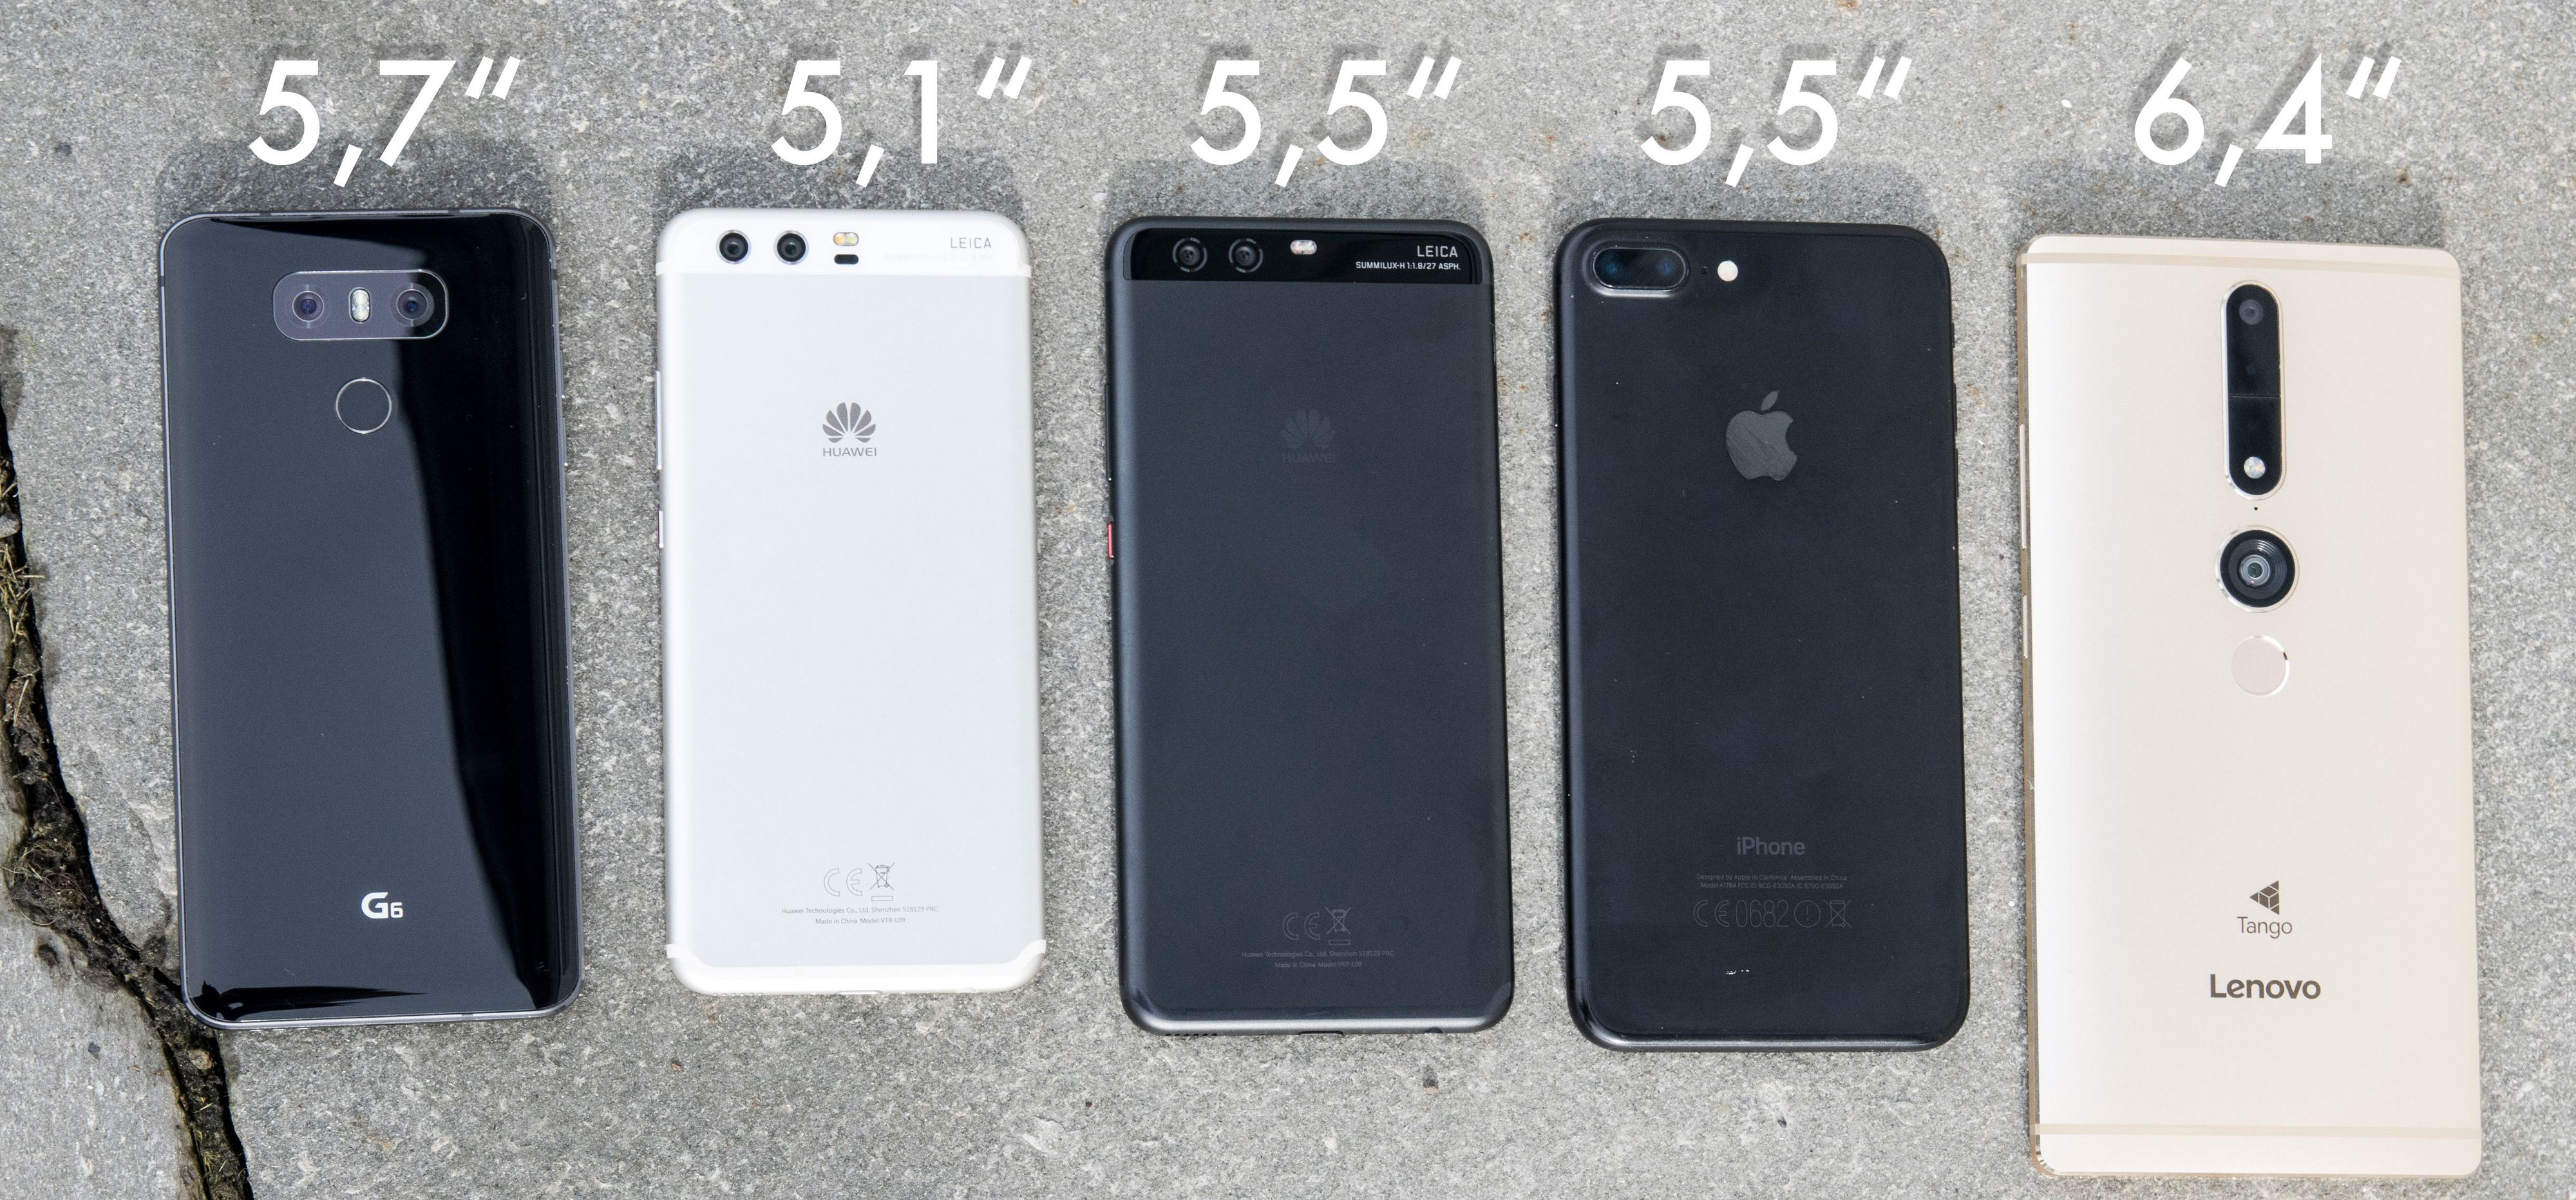 Fra venstre: LG G6, Huawei P10, Huawei P10 Plus, iPhone 7 Plus, Lenovo Phab 2 Pro. En av telefonene med størst skjerm her er faktisk en av de to minste. LG G6 har 5,7 tommers skjerm i ekstremt kompakt innpakning. Huaweis P10 Plus legger seg midt mellom den vanlige P10-modellen og Apples iPhone 7 Plus i størrelse.